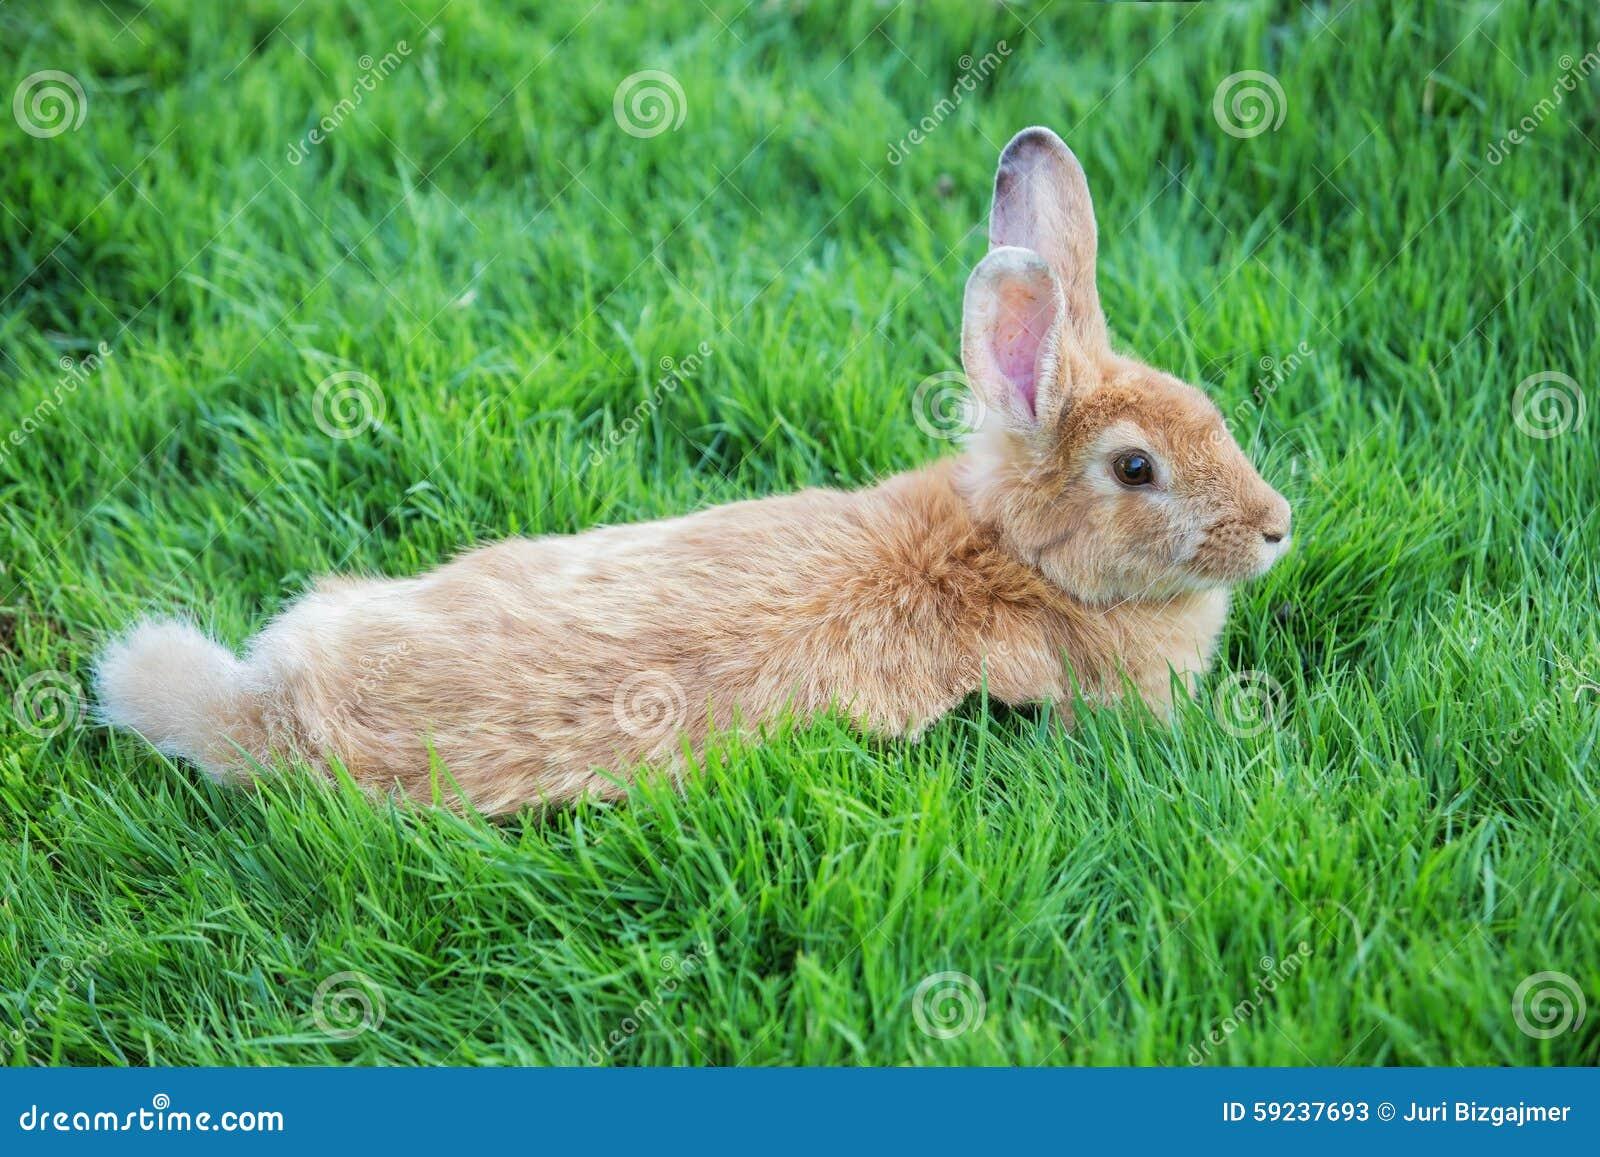 Conejo en césped verde